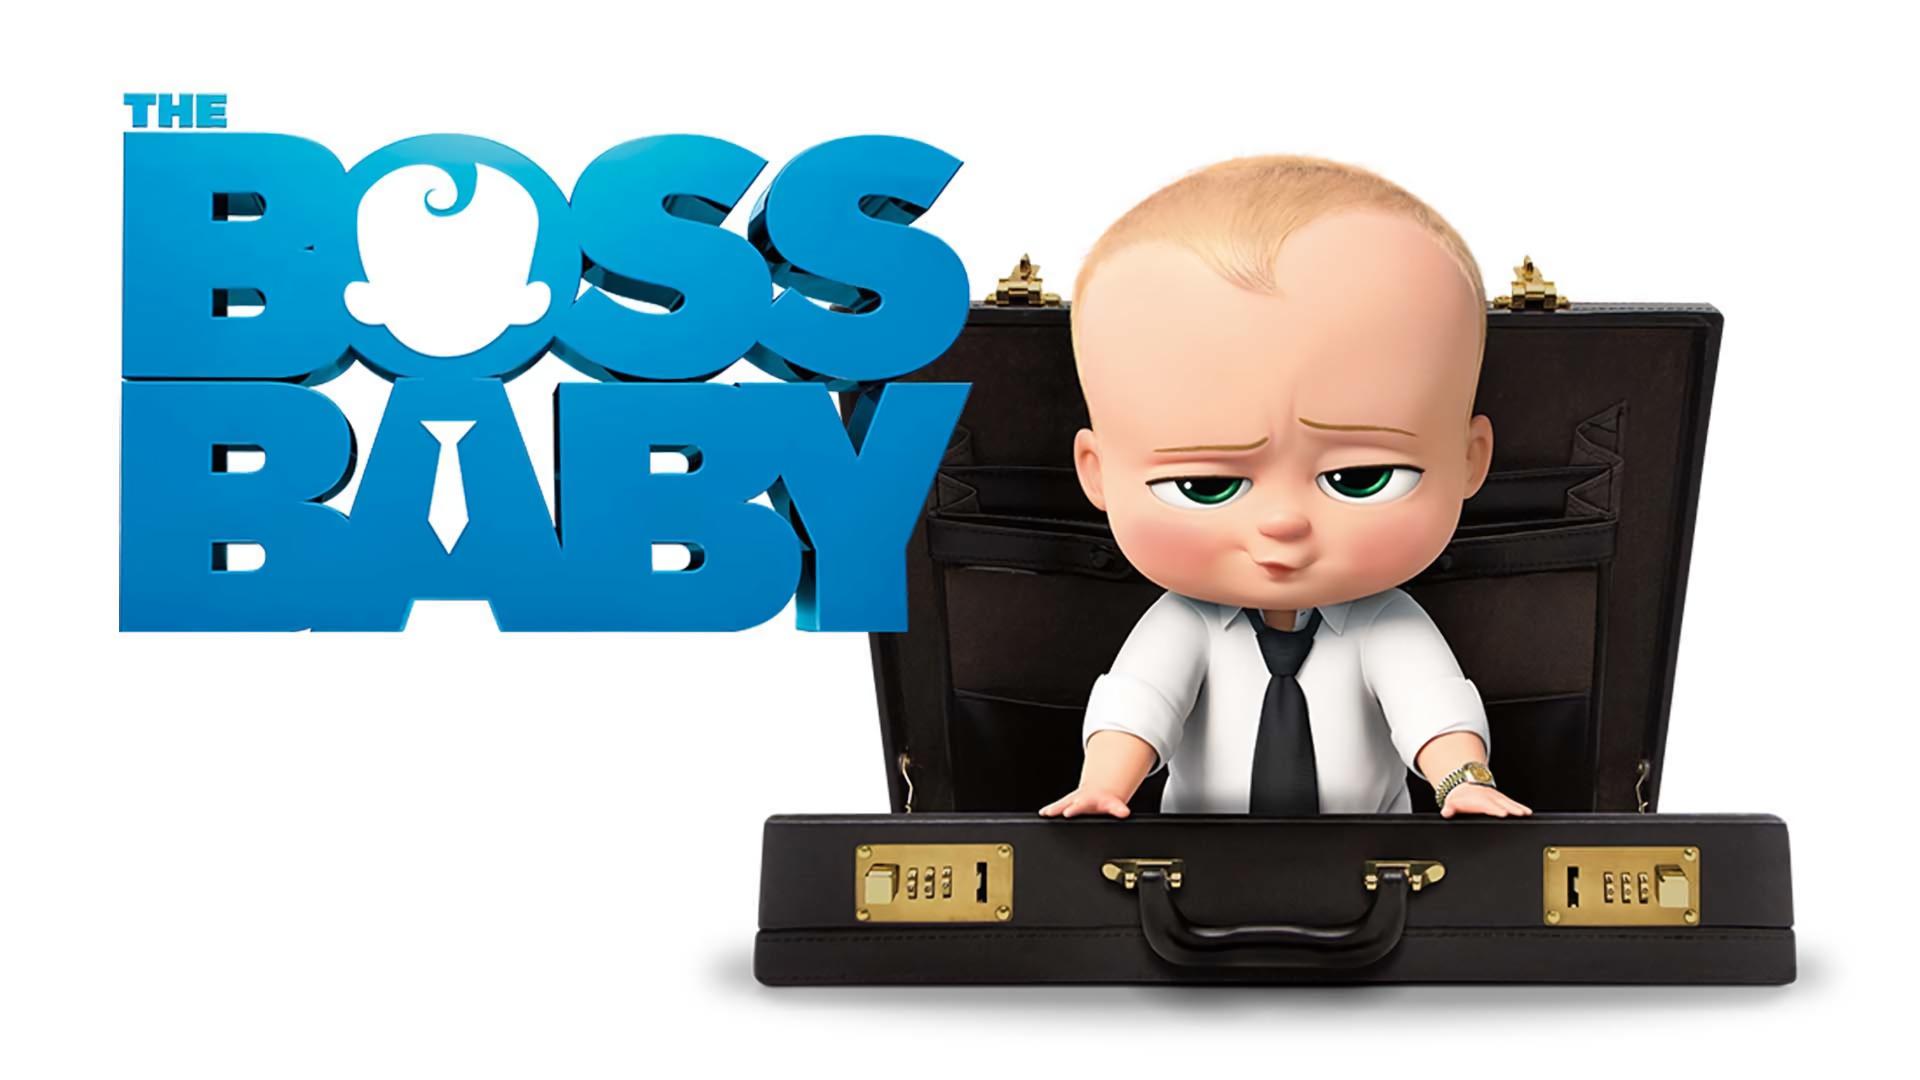 Wallpapers Id Baby Boss Wallpaper Hd 477519 Hd